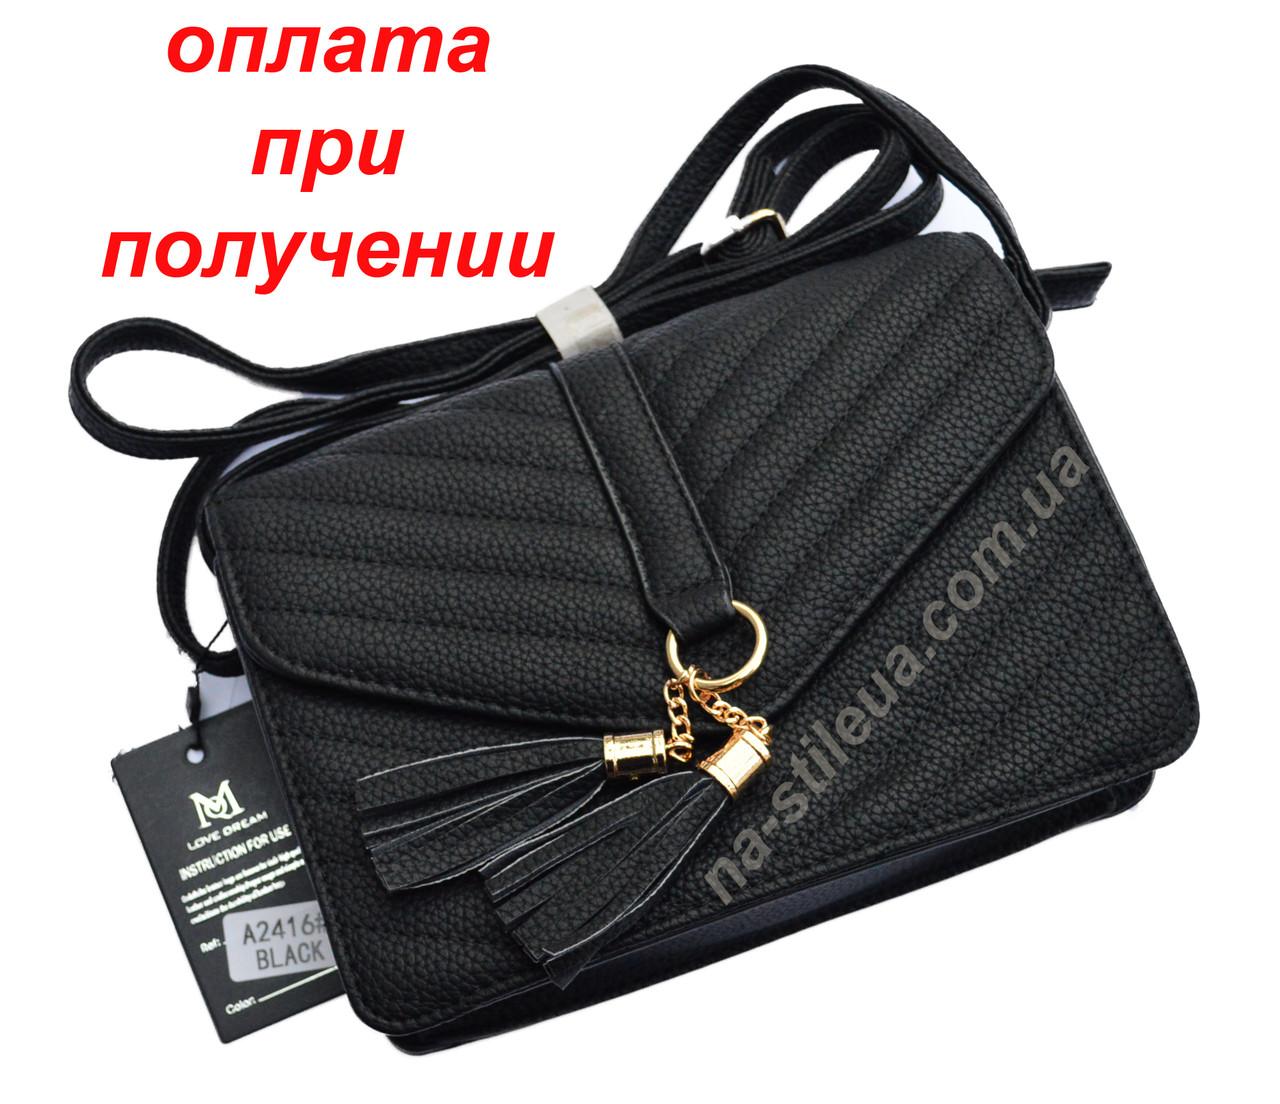 1af15a6fd0ae Женский кожаный клатч мини сумка кошелек шкіряна через плечо lOVE ...